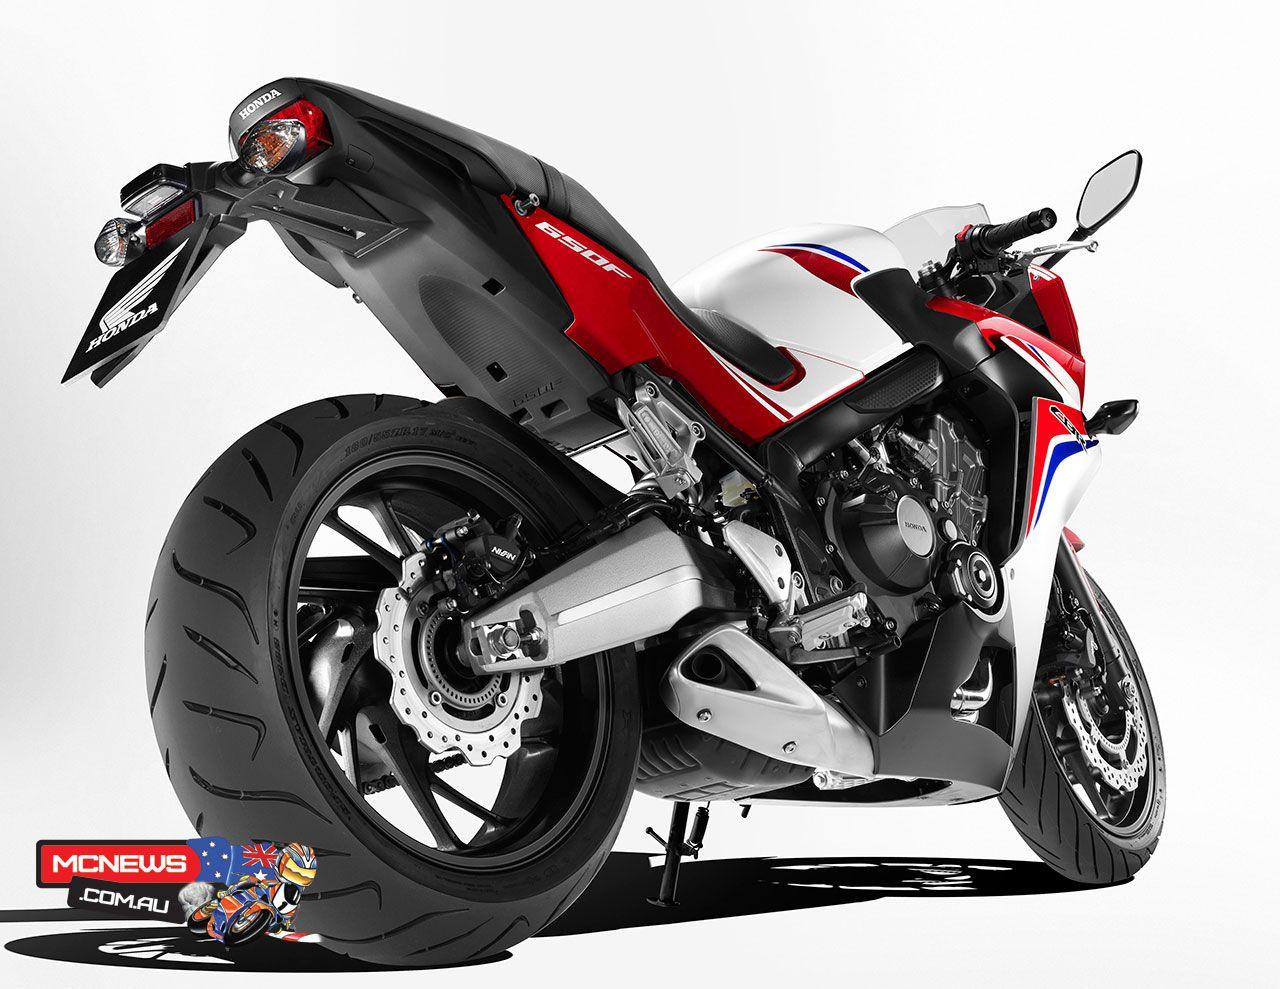 Honda CBR650F Hd Wallpapers